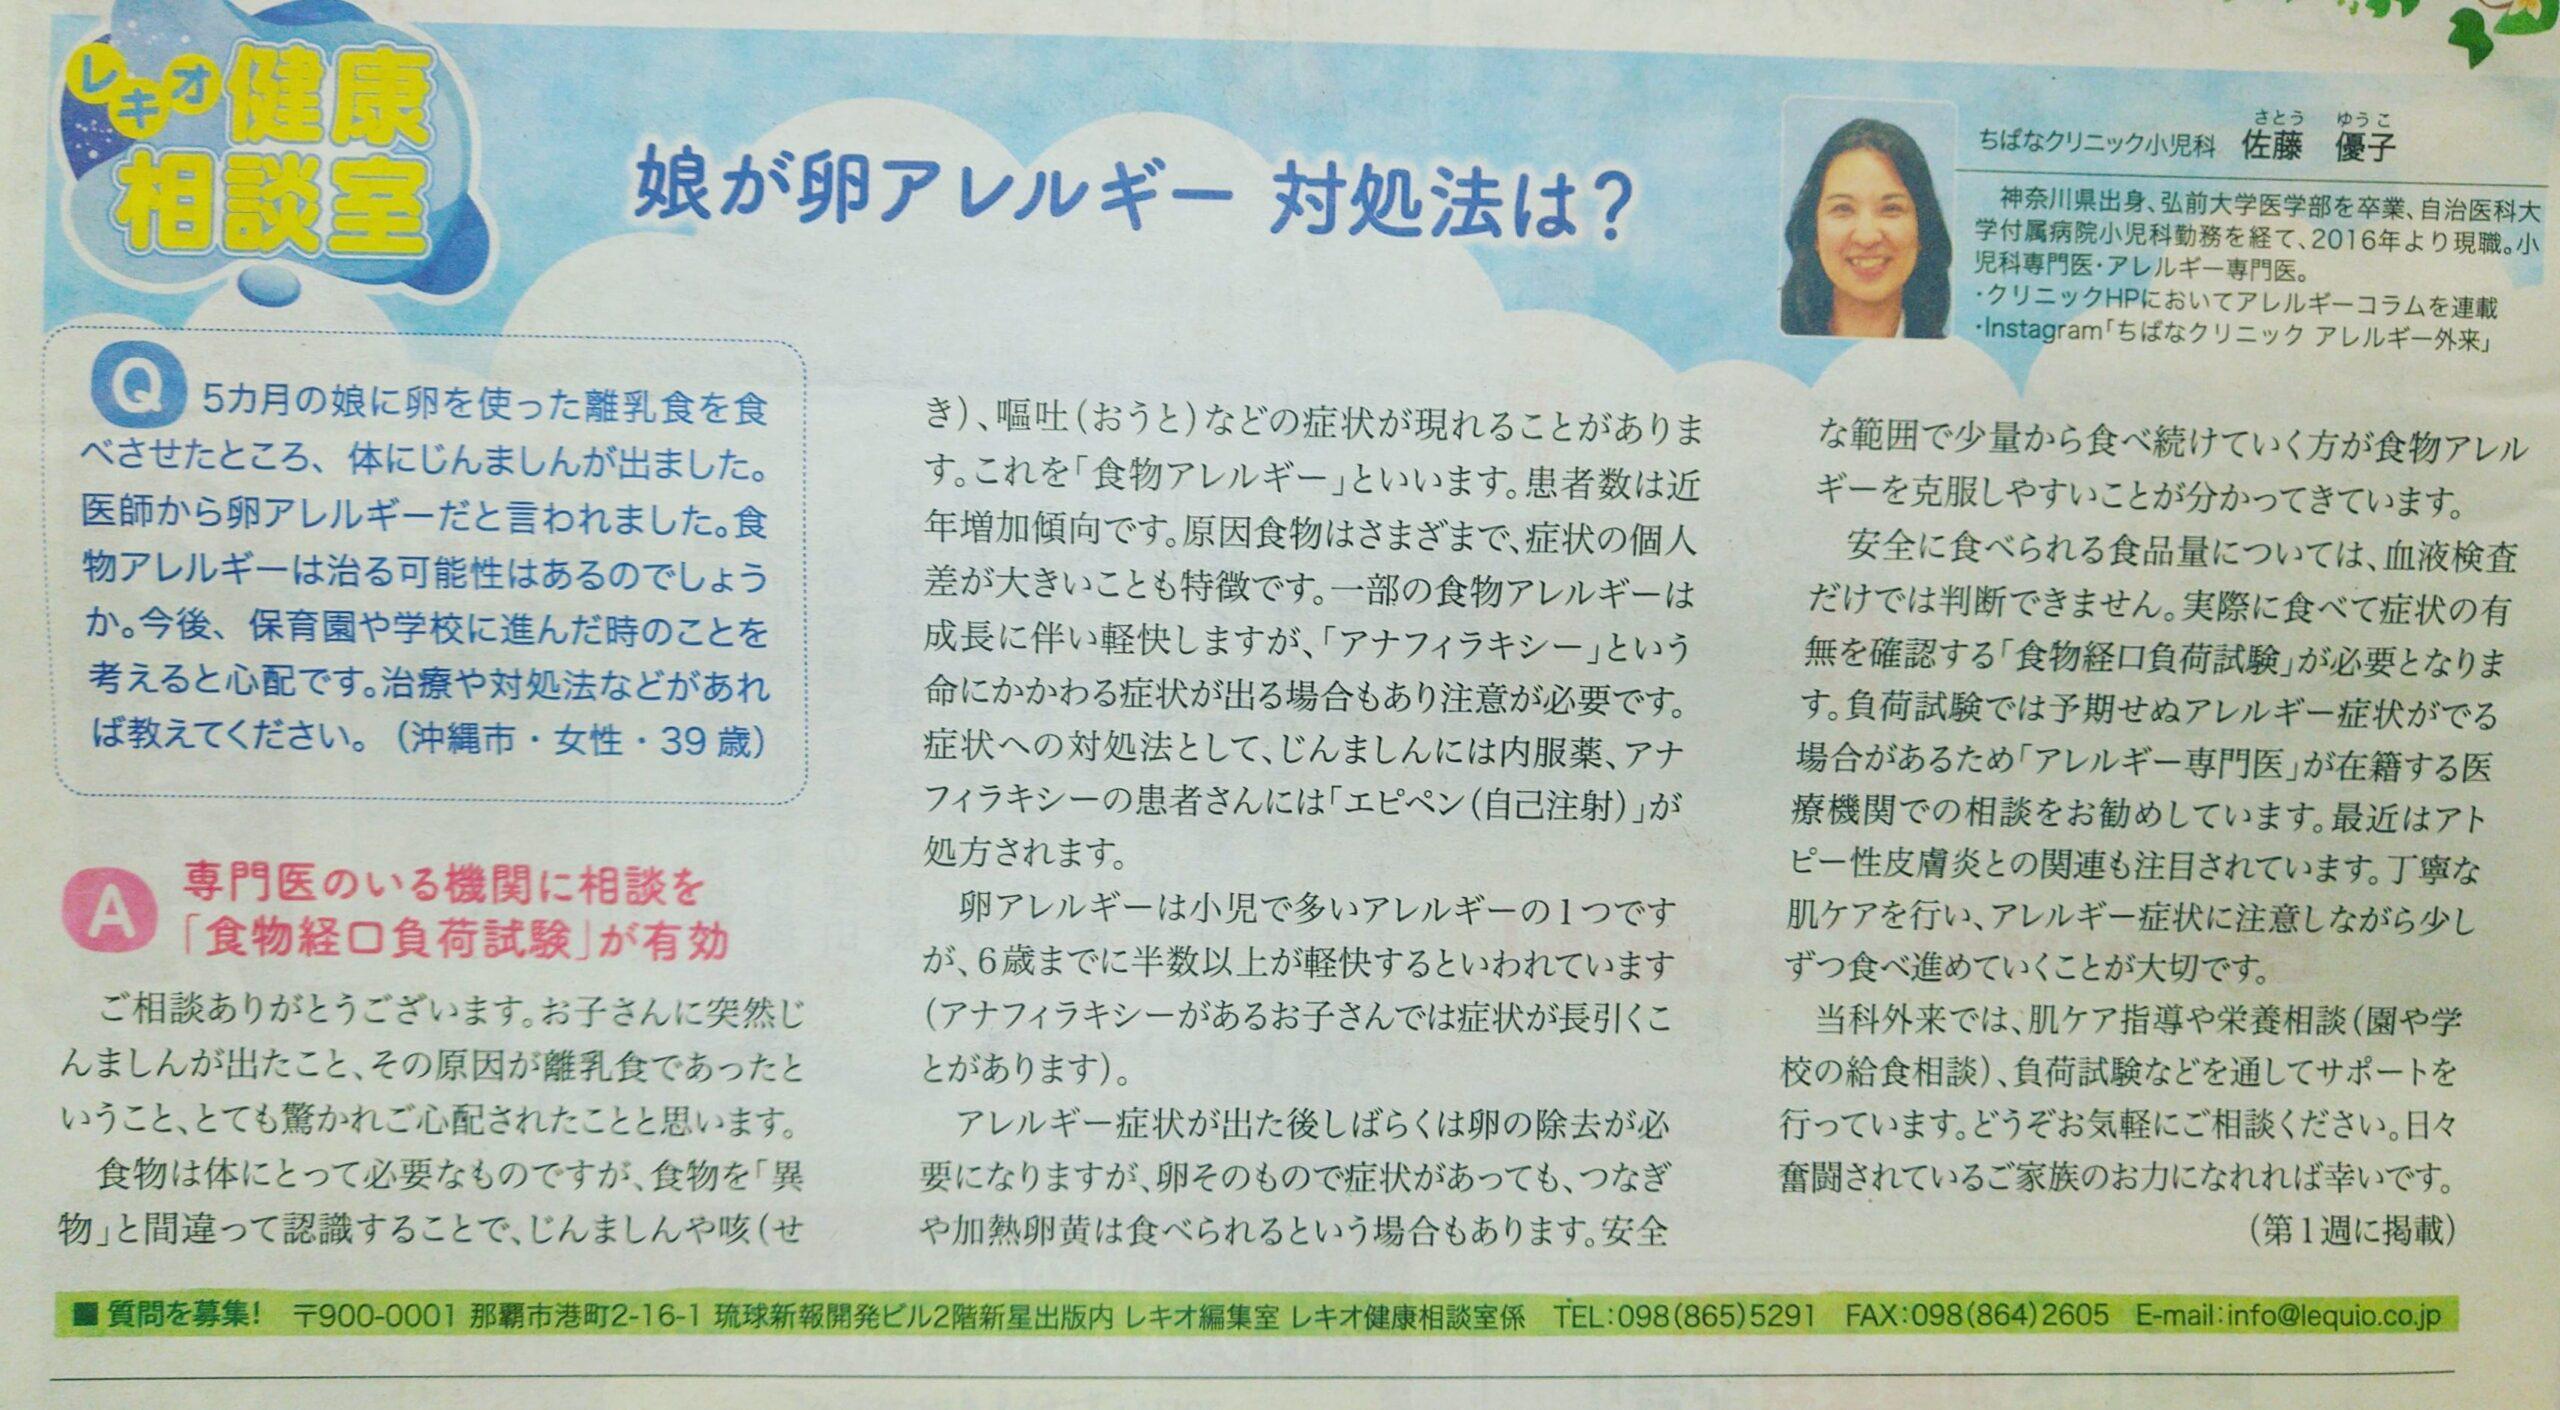 2021年9月2日付琉球新報副読紙「週刊レキオ」